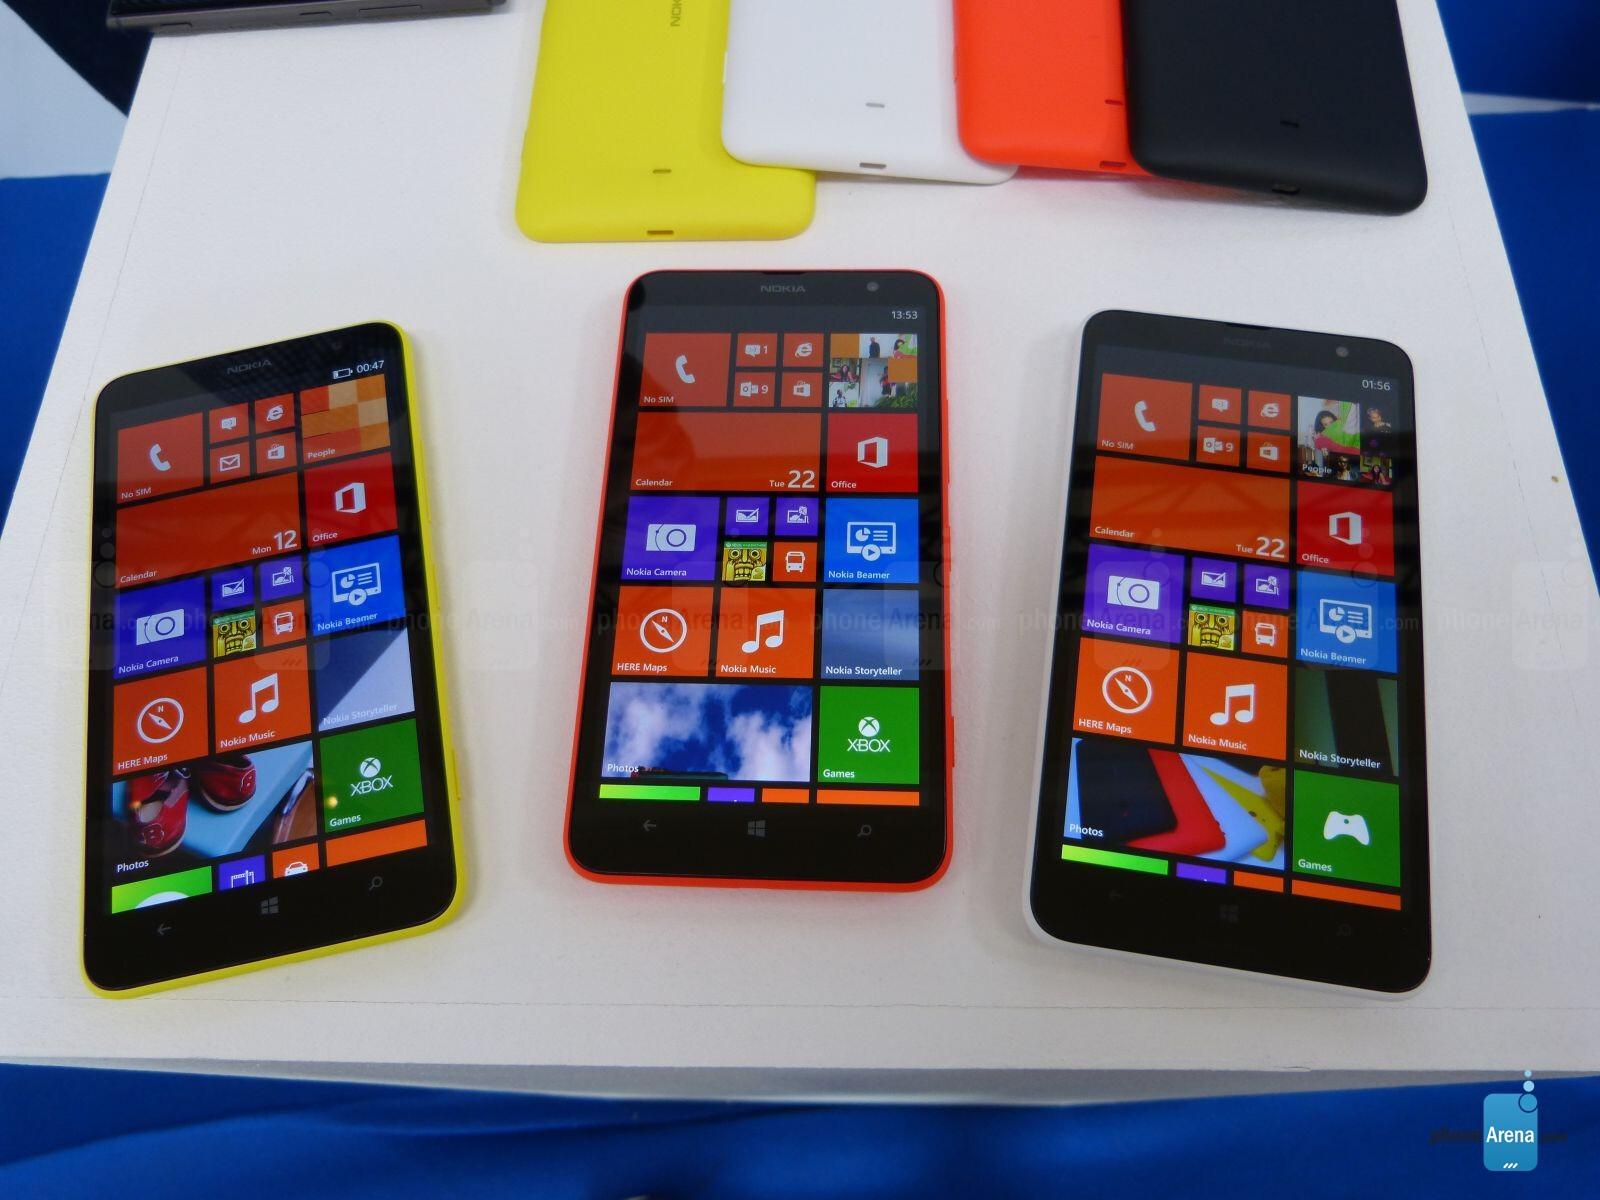 Nokia Lumia 1320 hands-on